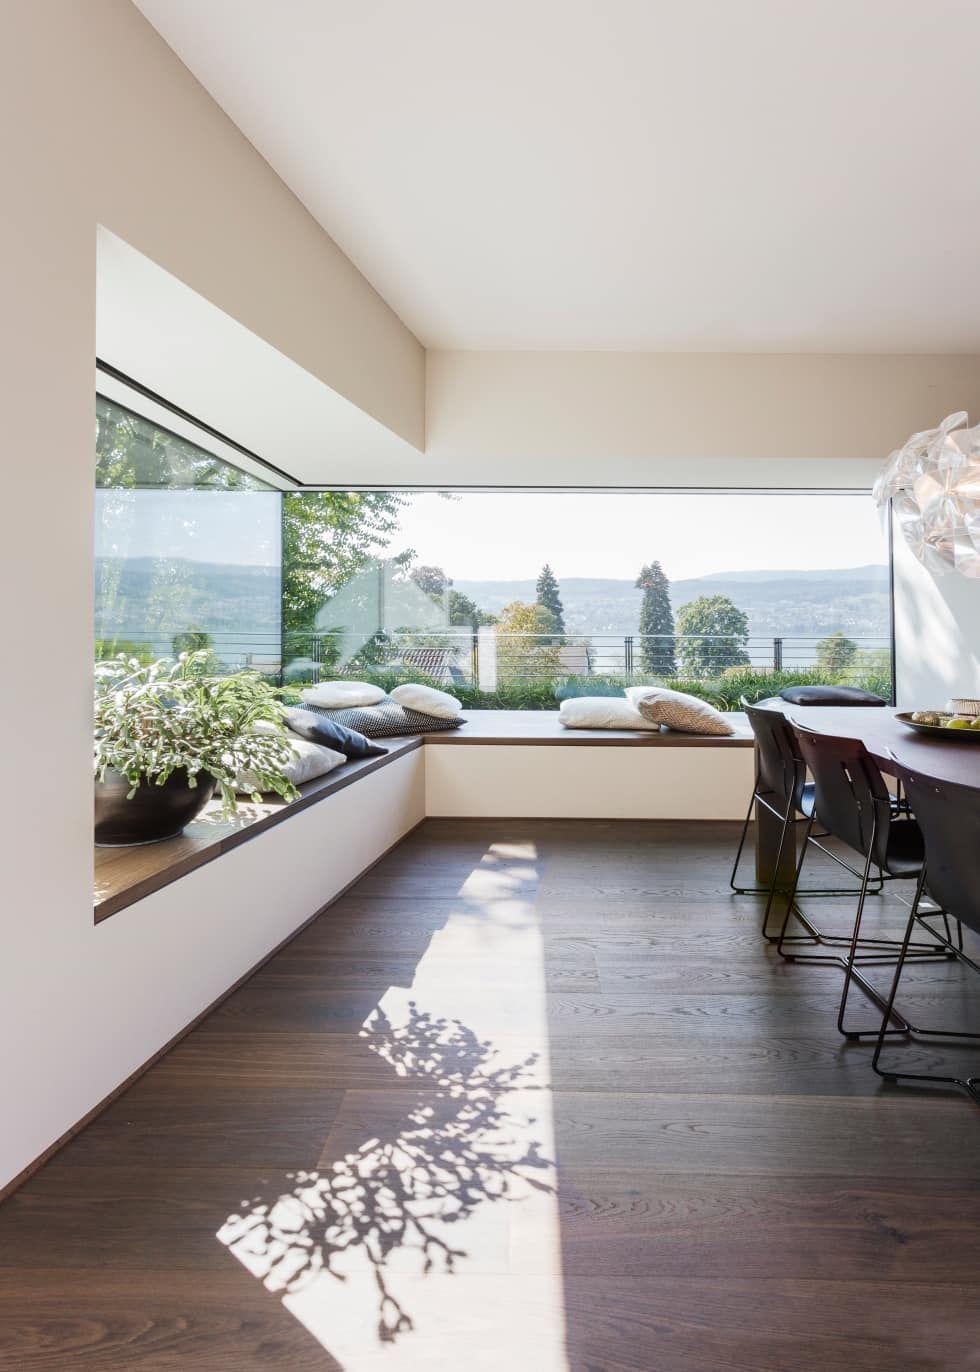 Wohnzimmer des modernen interieurs des hauses moderne esszimmer bilder objekt   house interiors and jamaica